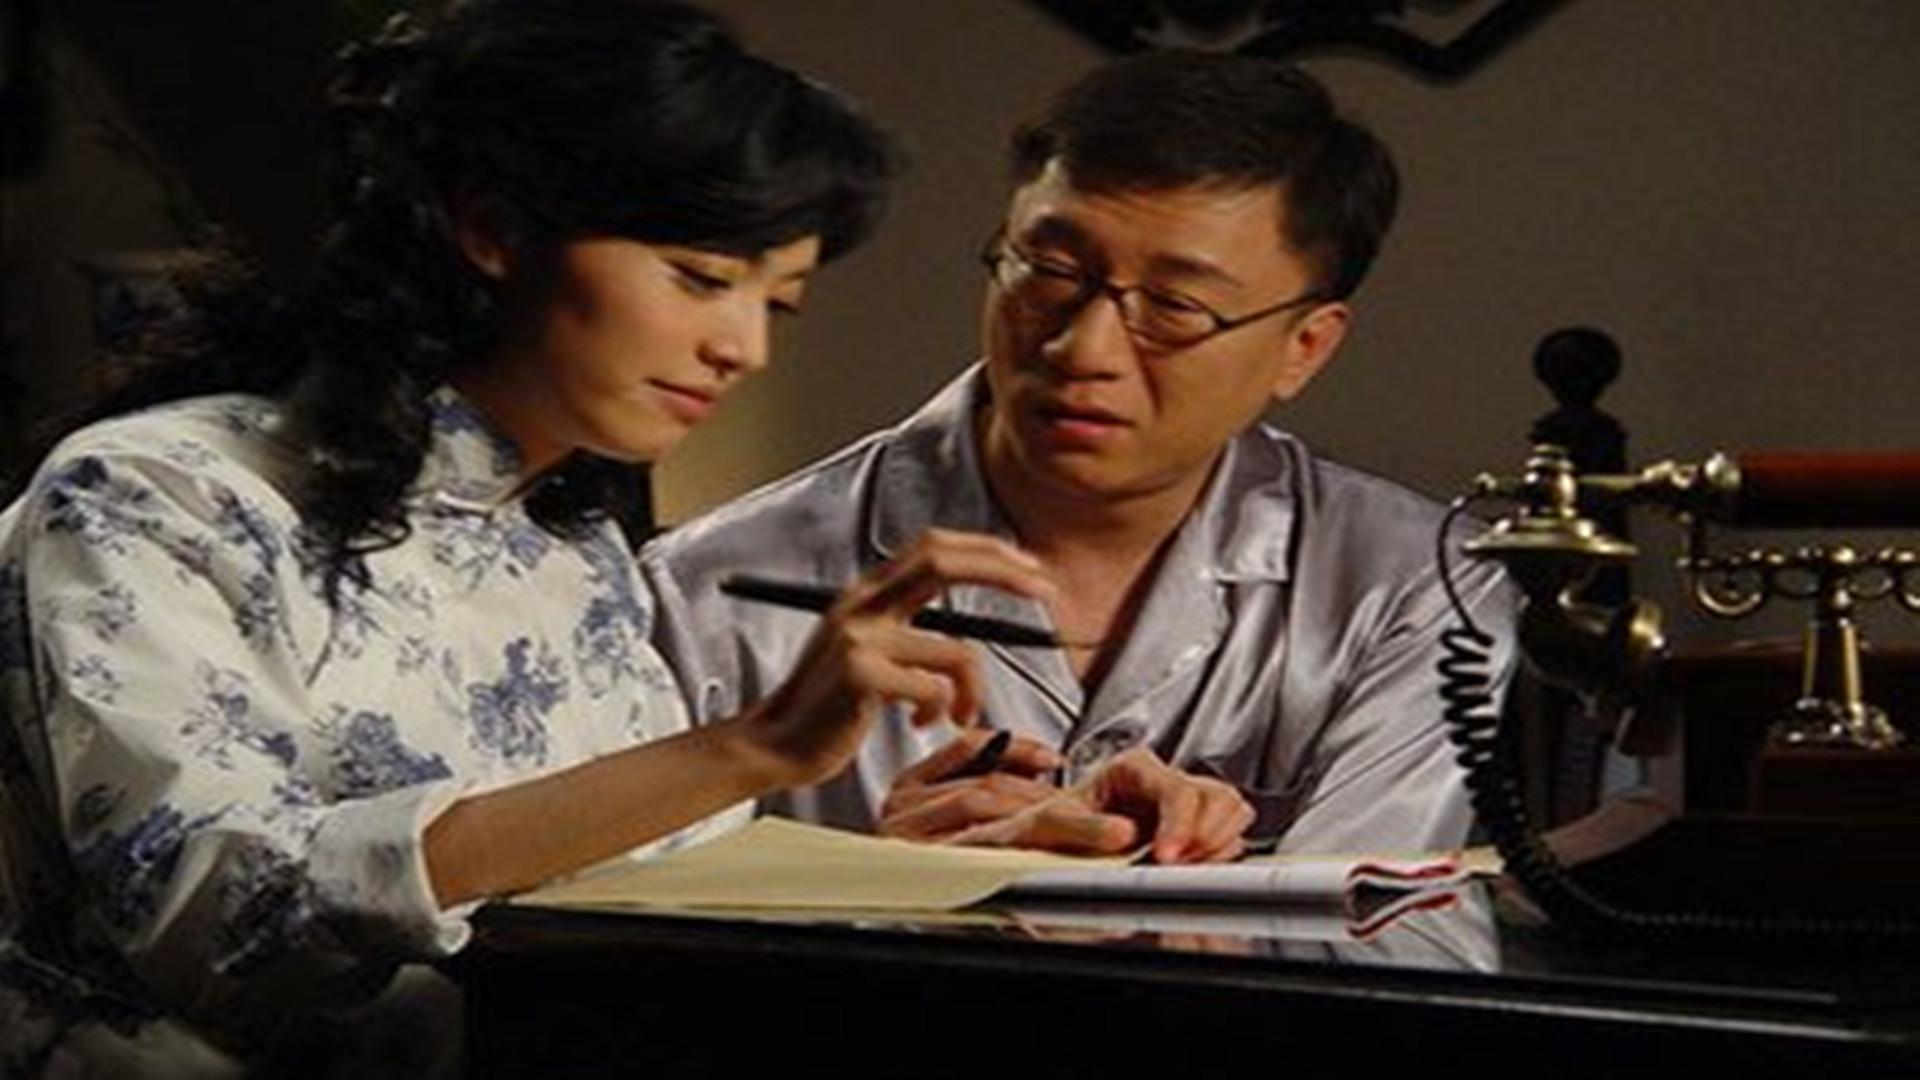 盘点谍战剧的女主角,赵丽颖阳光热血,第一位太与众不同了